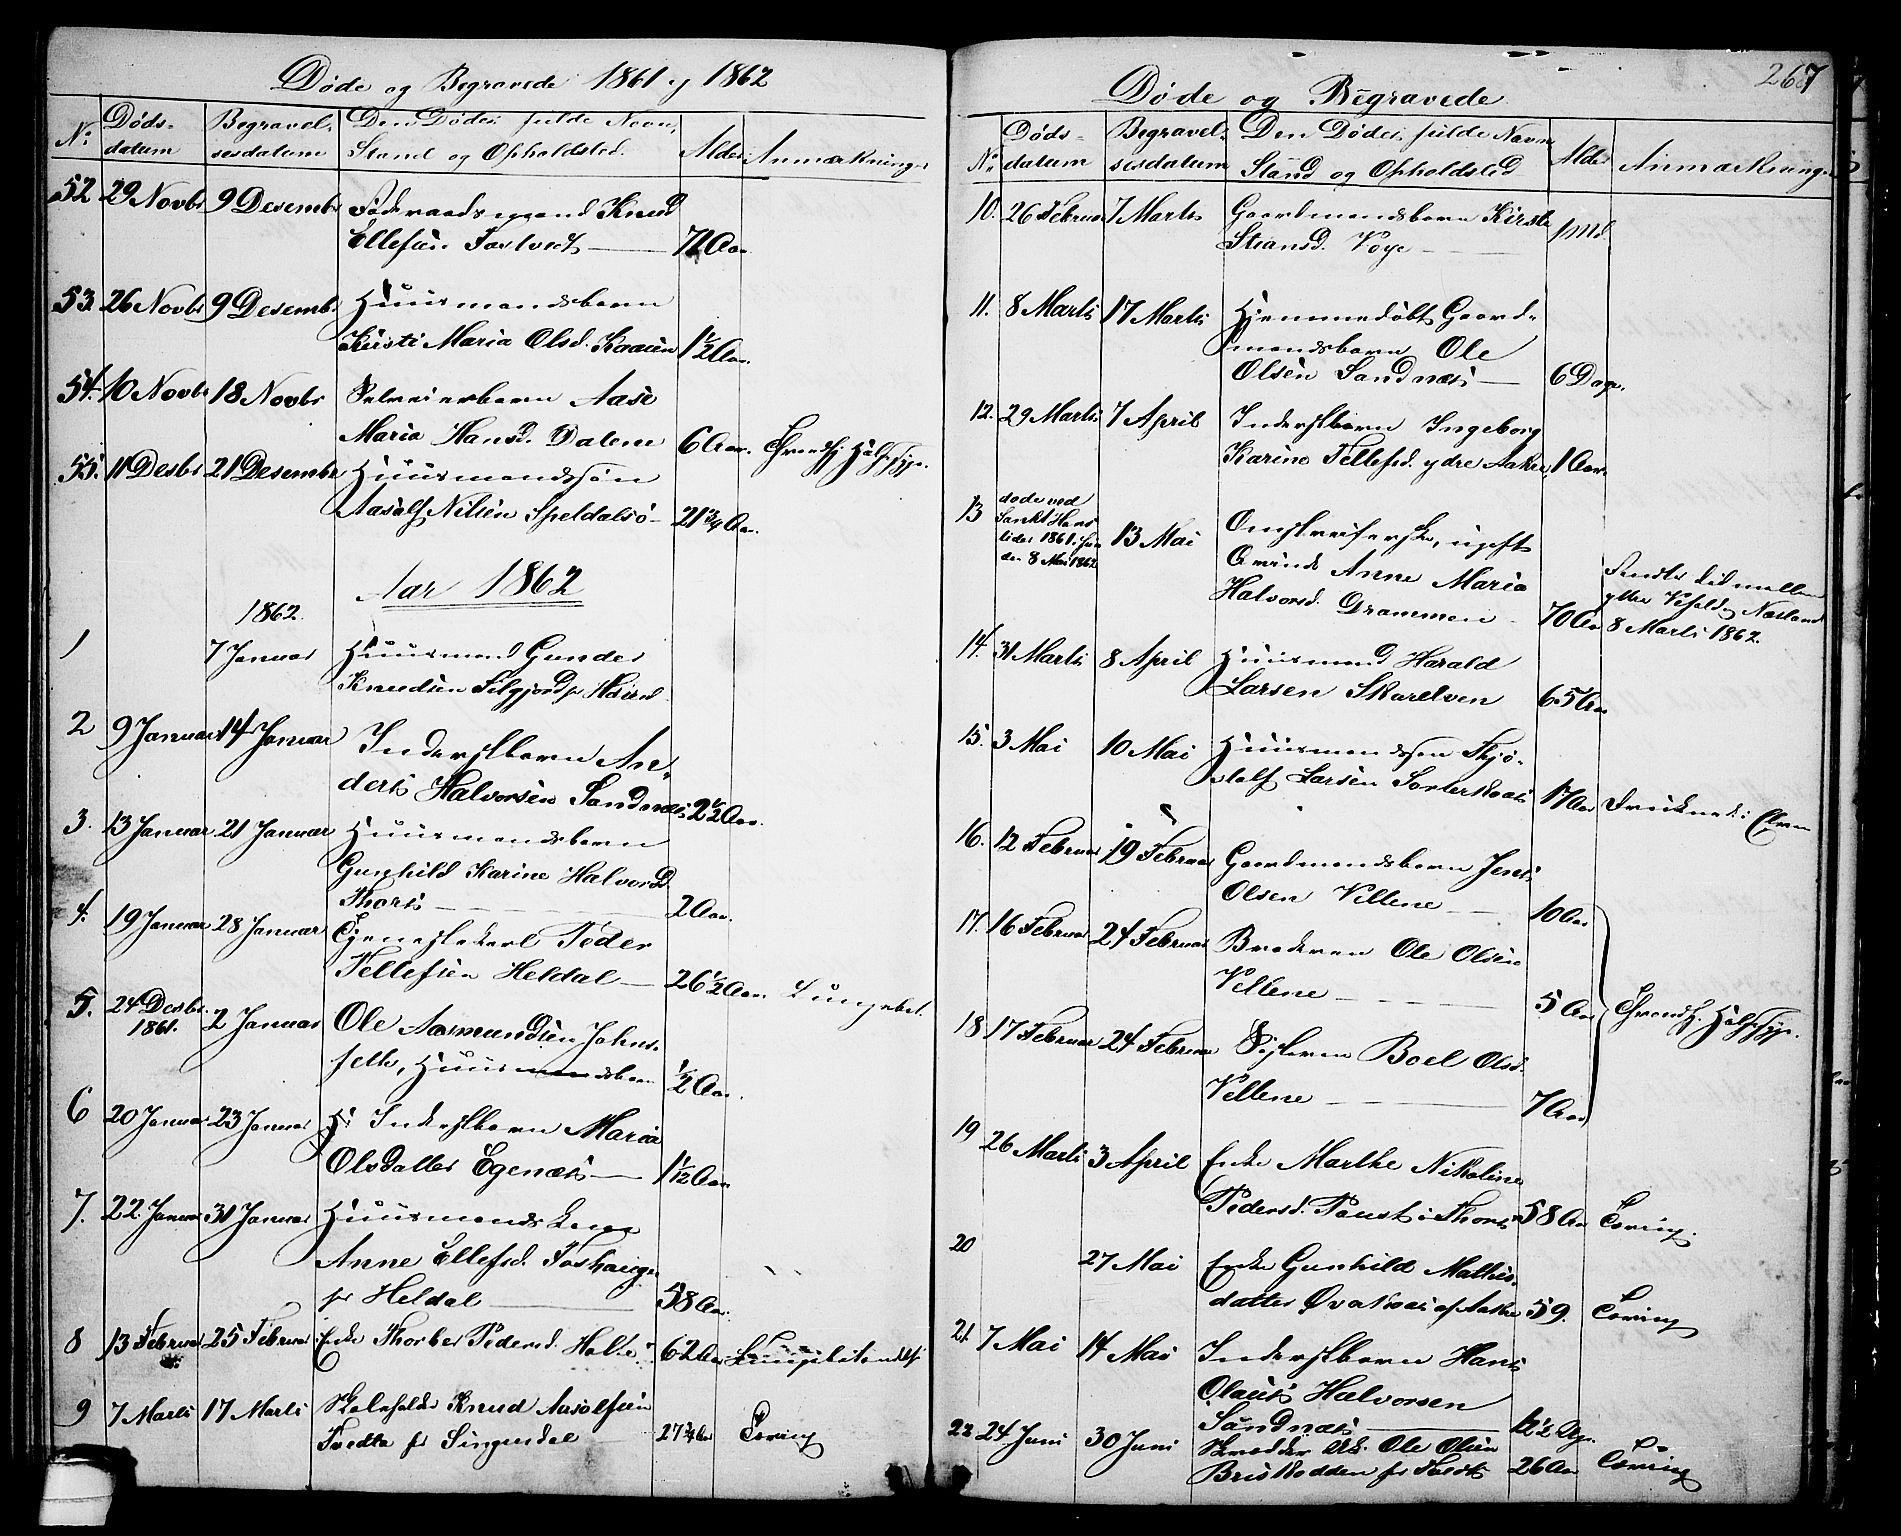 SAKO, Drangedal kirkebøker, G/Ga/L0002: Klokkerbok nr. I 2, 1856-1887, s. 267